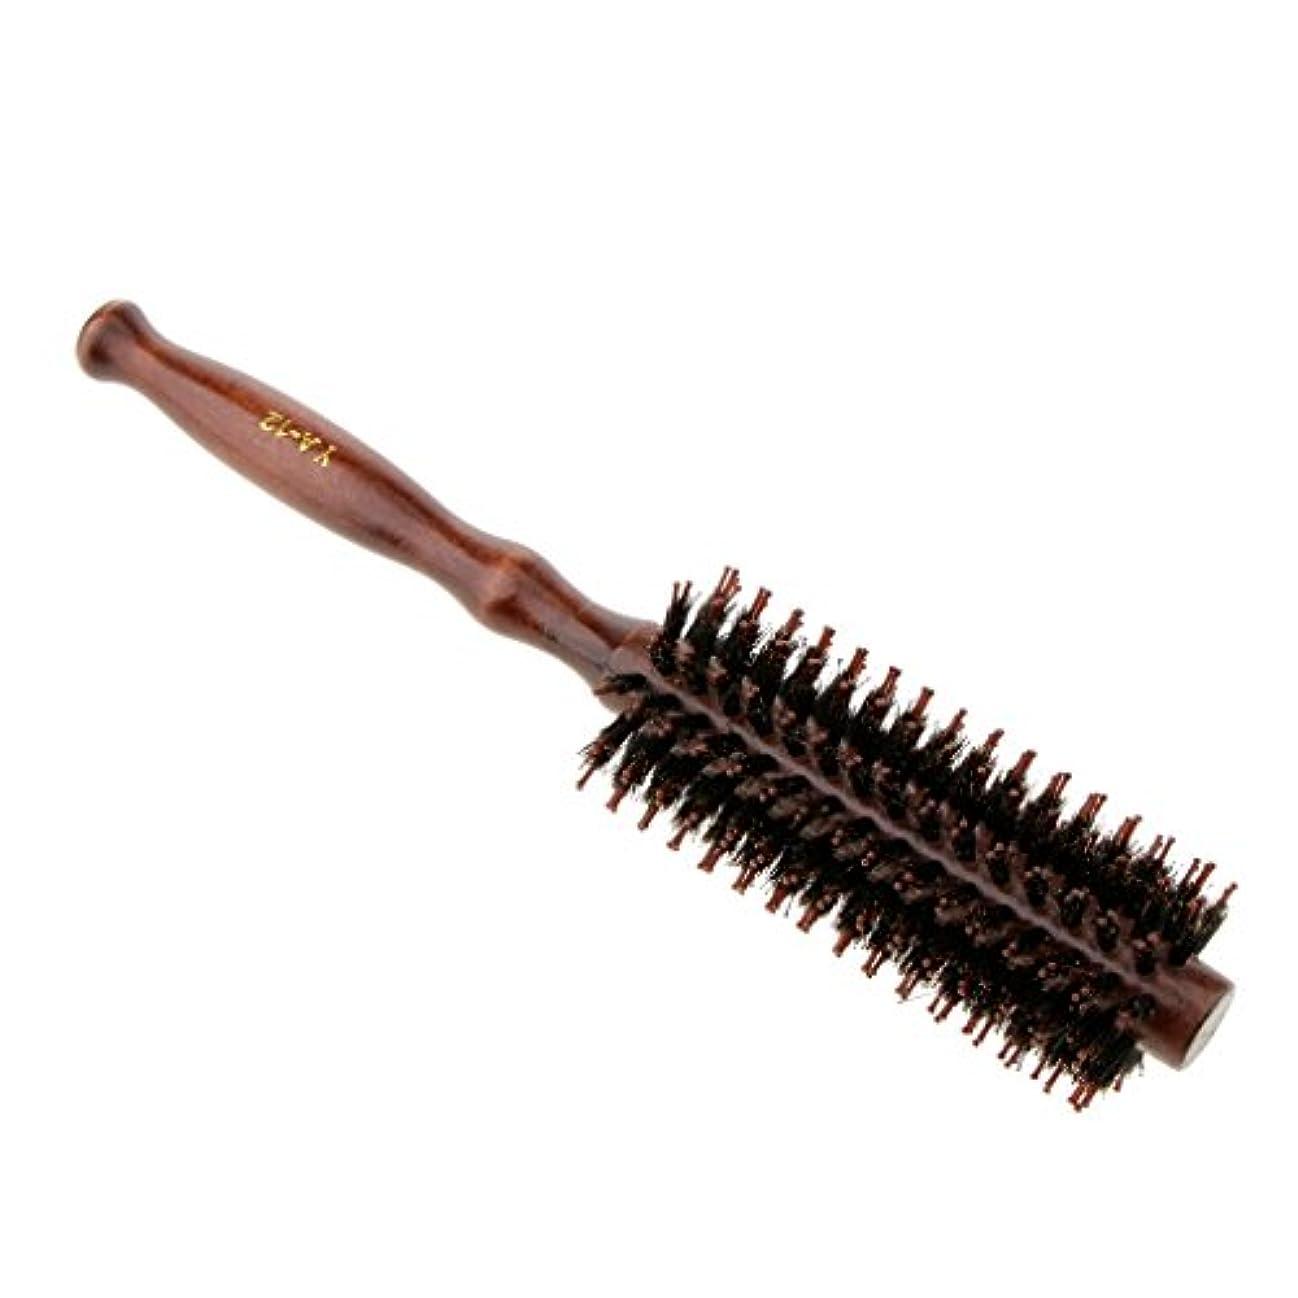 デコレーションスタンド腹痛ロールブラシ ヘアブラシ 木製ハンドル 滑らか カール 巻き髪 頭皮マッサージ くし 櫛 2タイプ選べる - #2